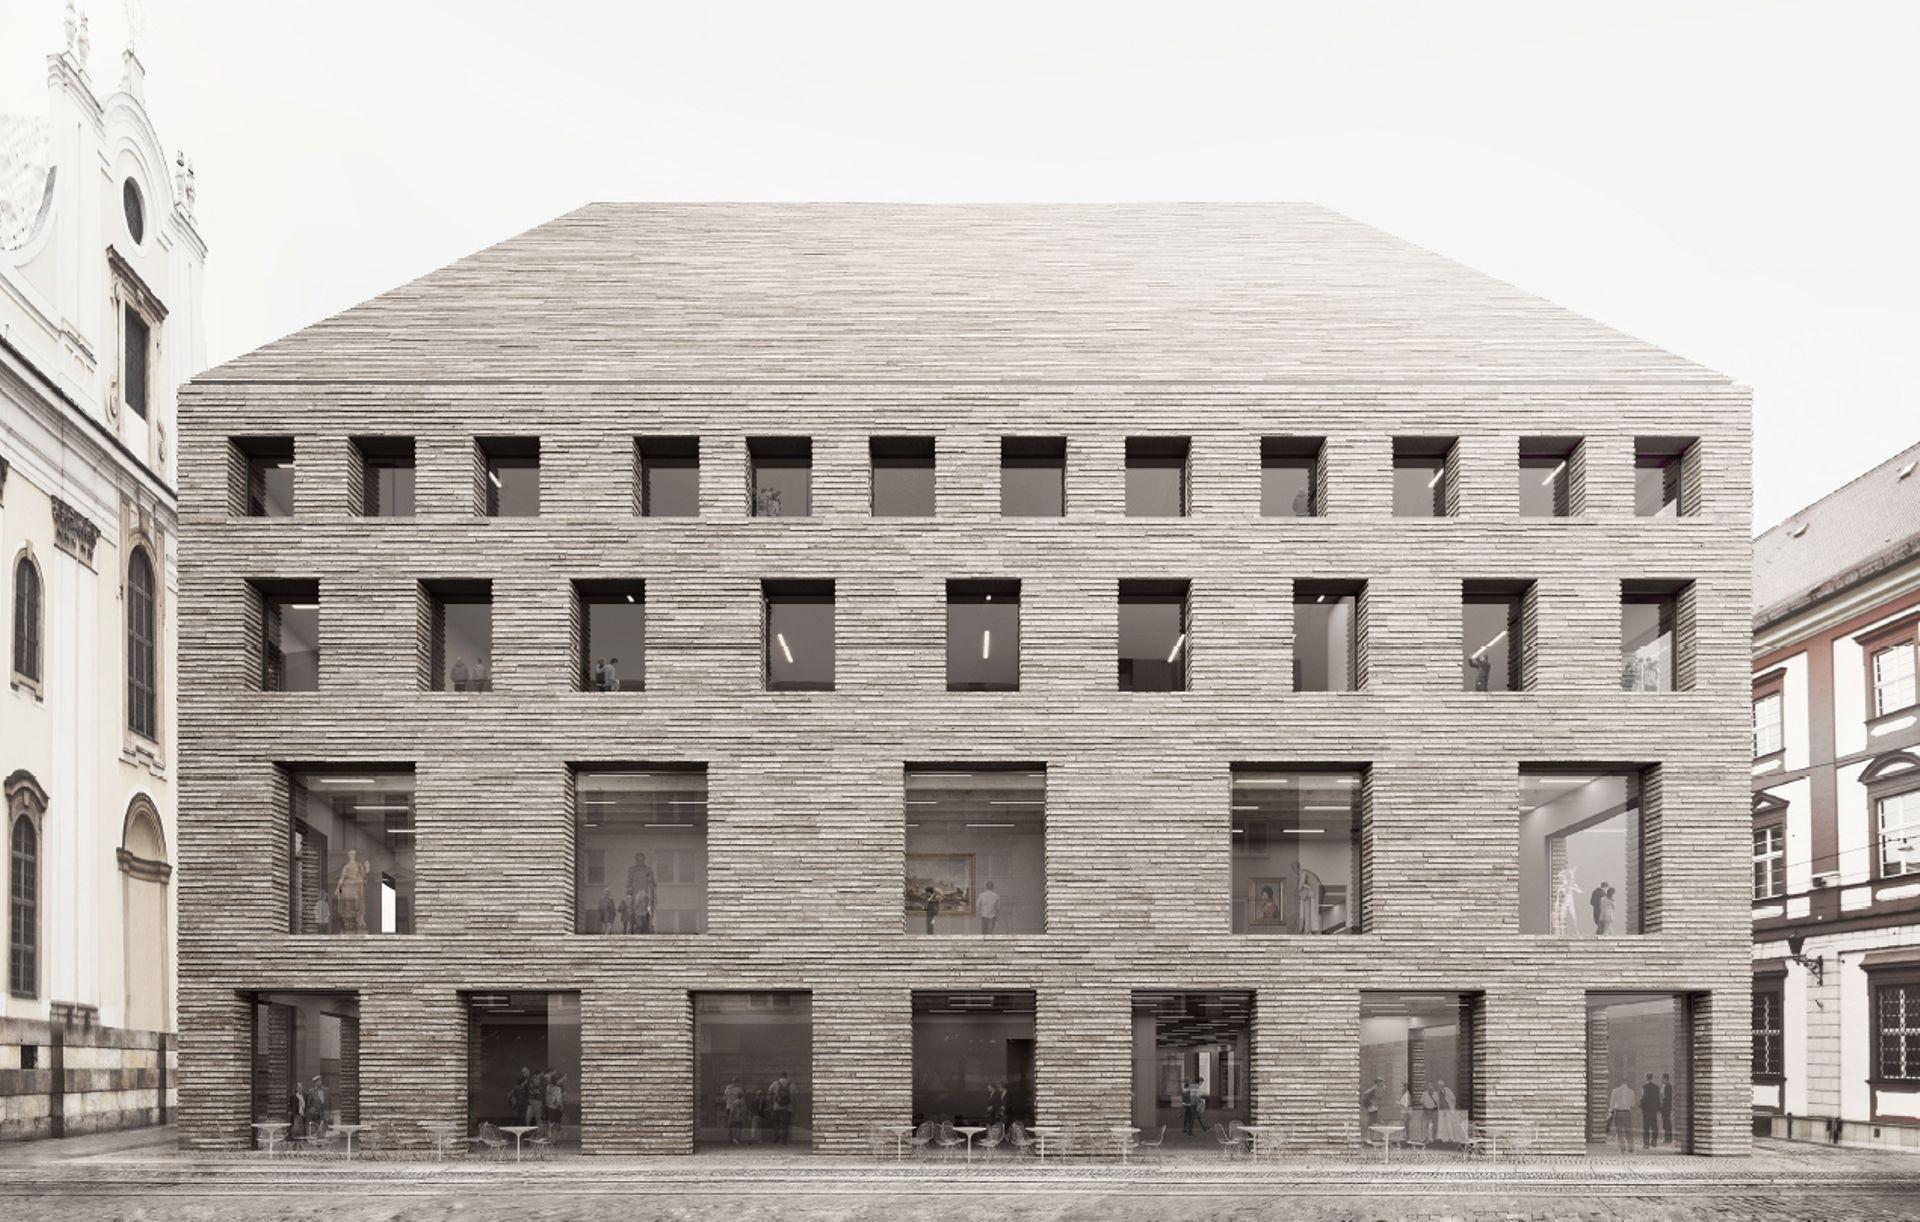 Wrocław: Muzeum Książąt Lubomirskich za 70 milionów złotych. Co znajdziemy w środku?